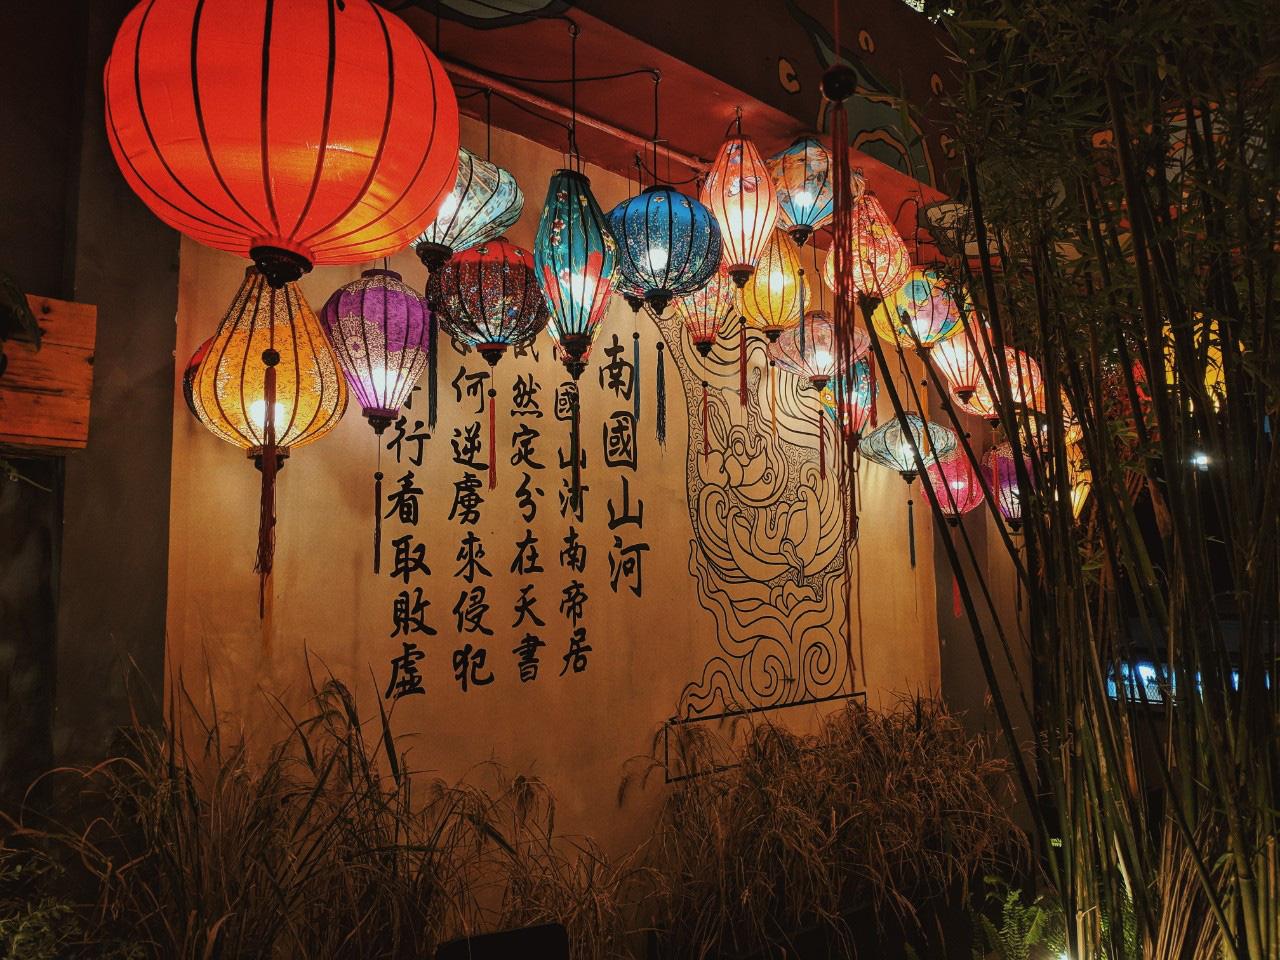 Quán chill mang phong cách Đại Việt nổi bật giữa khu vui chơi sầm uất bậc nhất Sài thành - Ảnh 1.